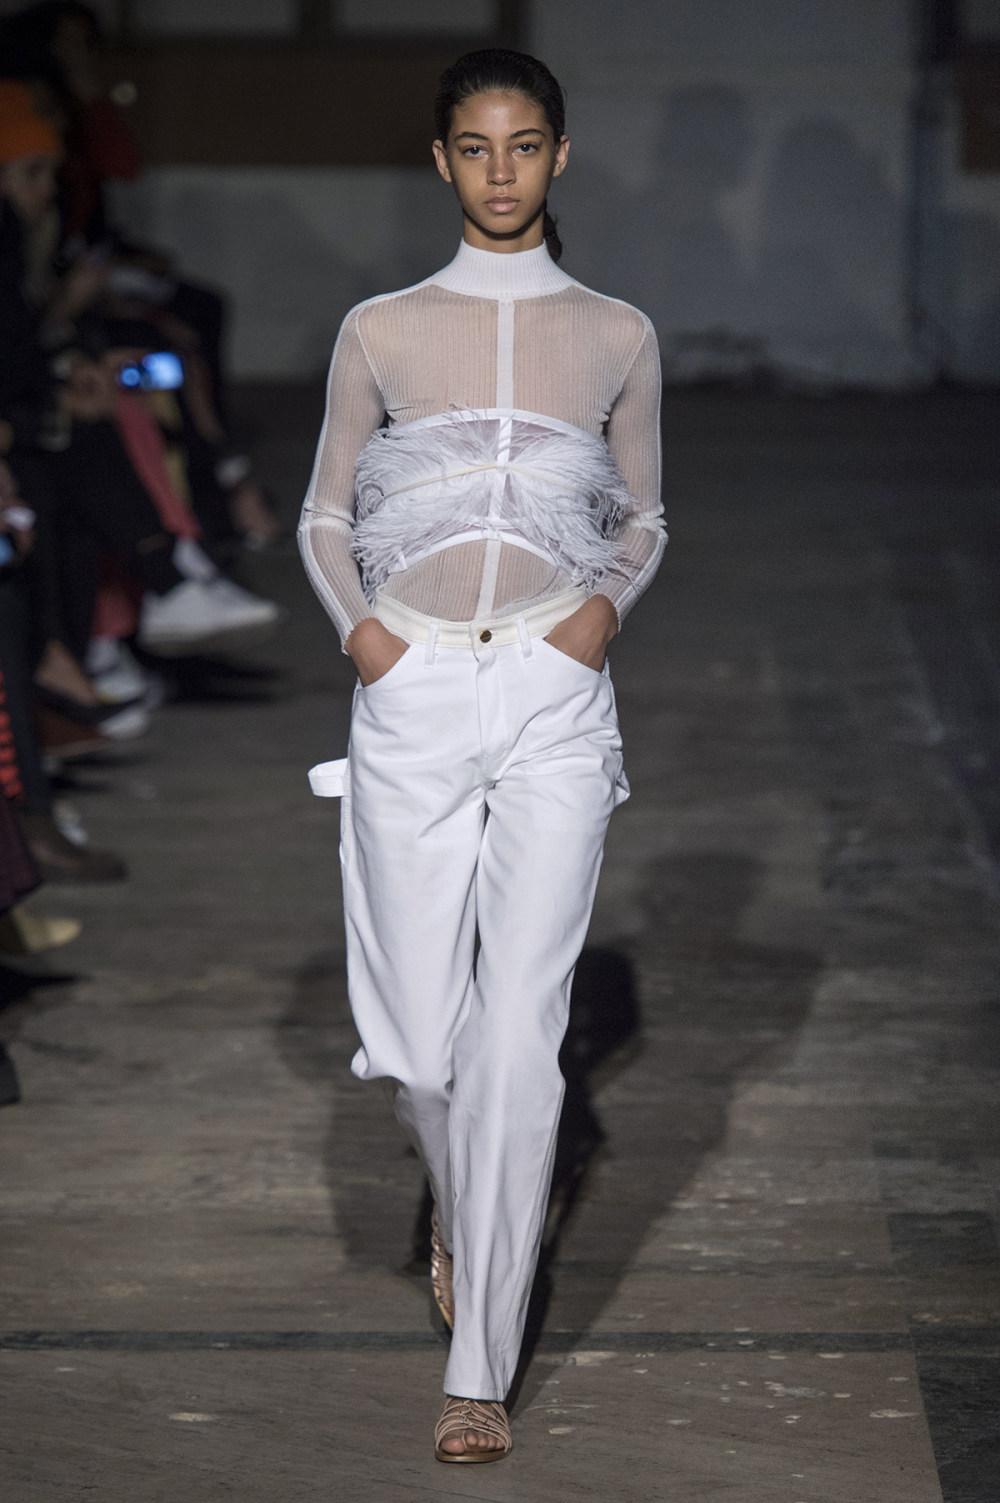 Dion Lee没有紧身衣的连衣裙被聚集或扭曲保持调色板的简约和奢华-31.jpg